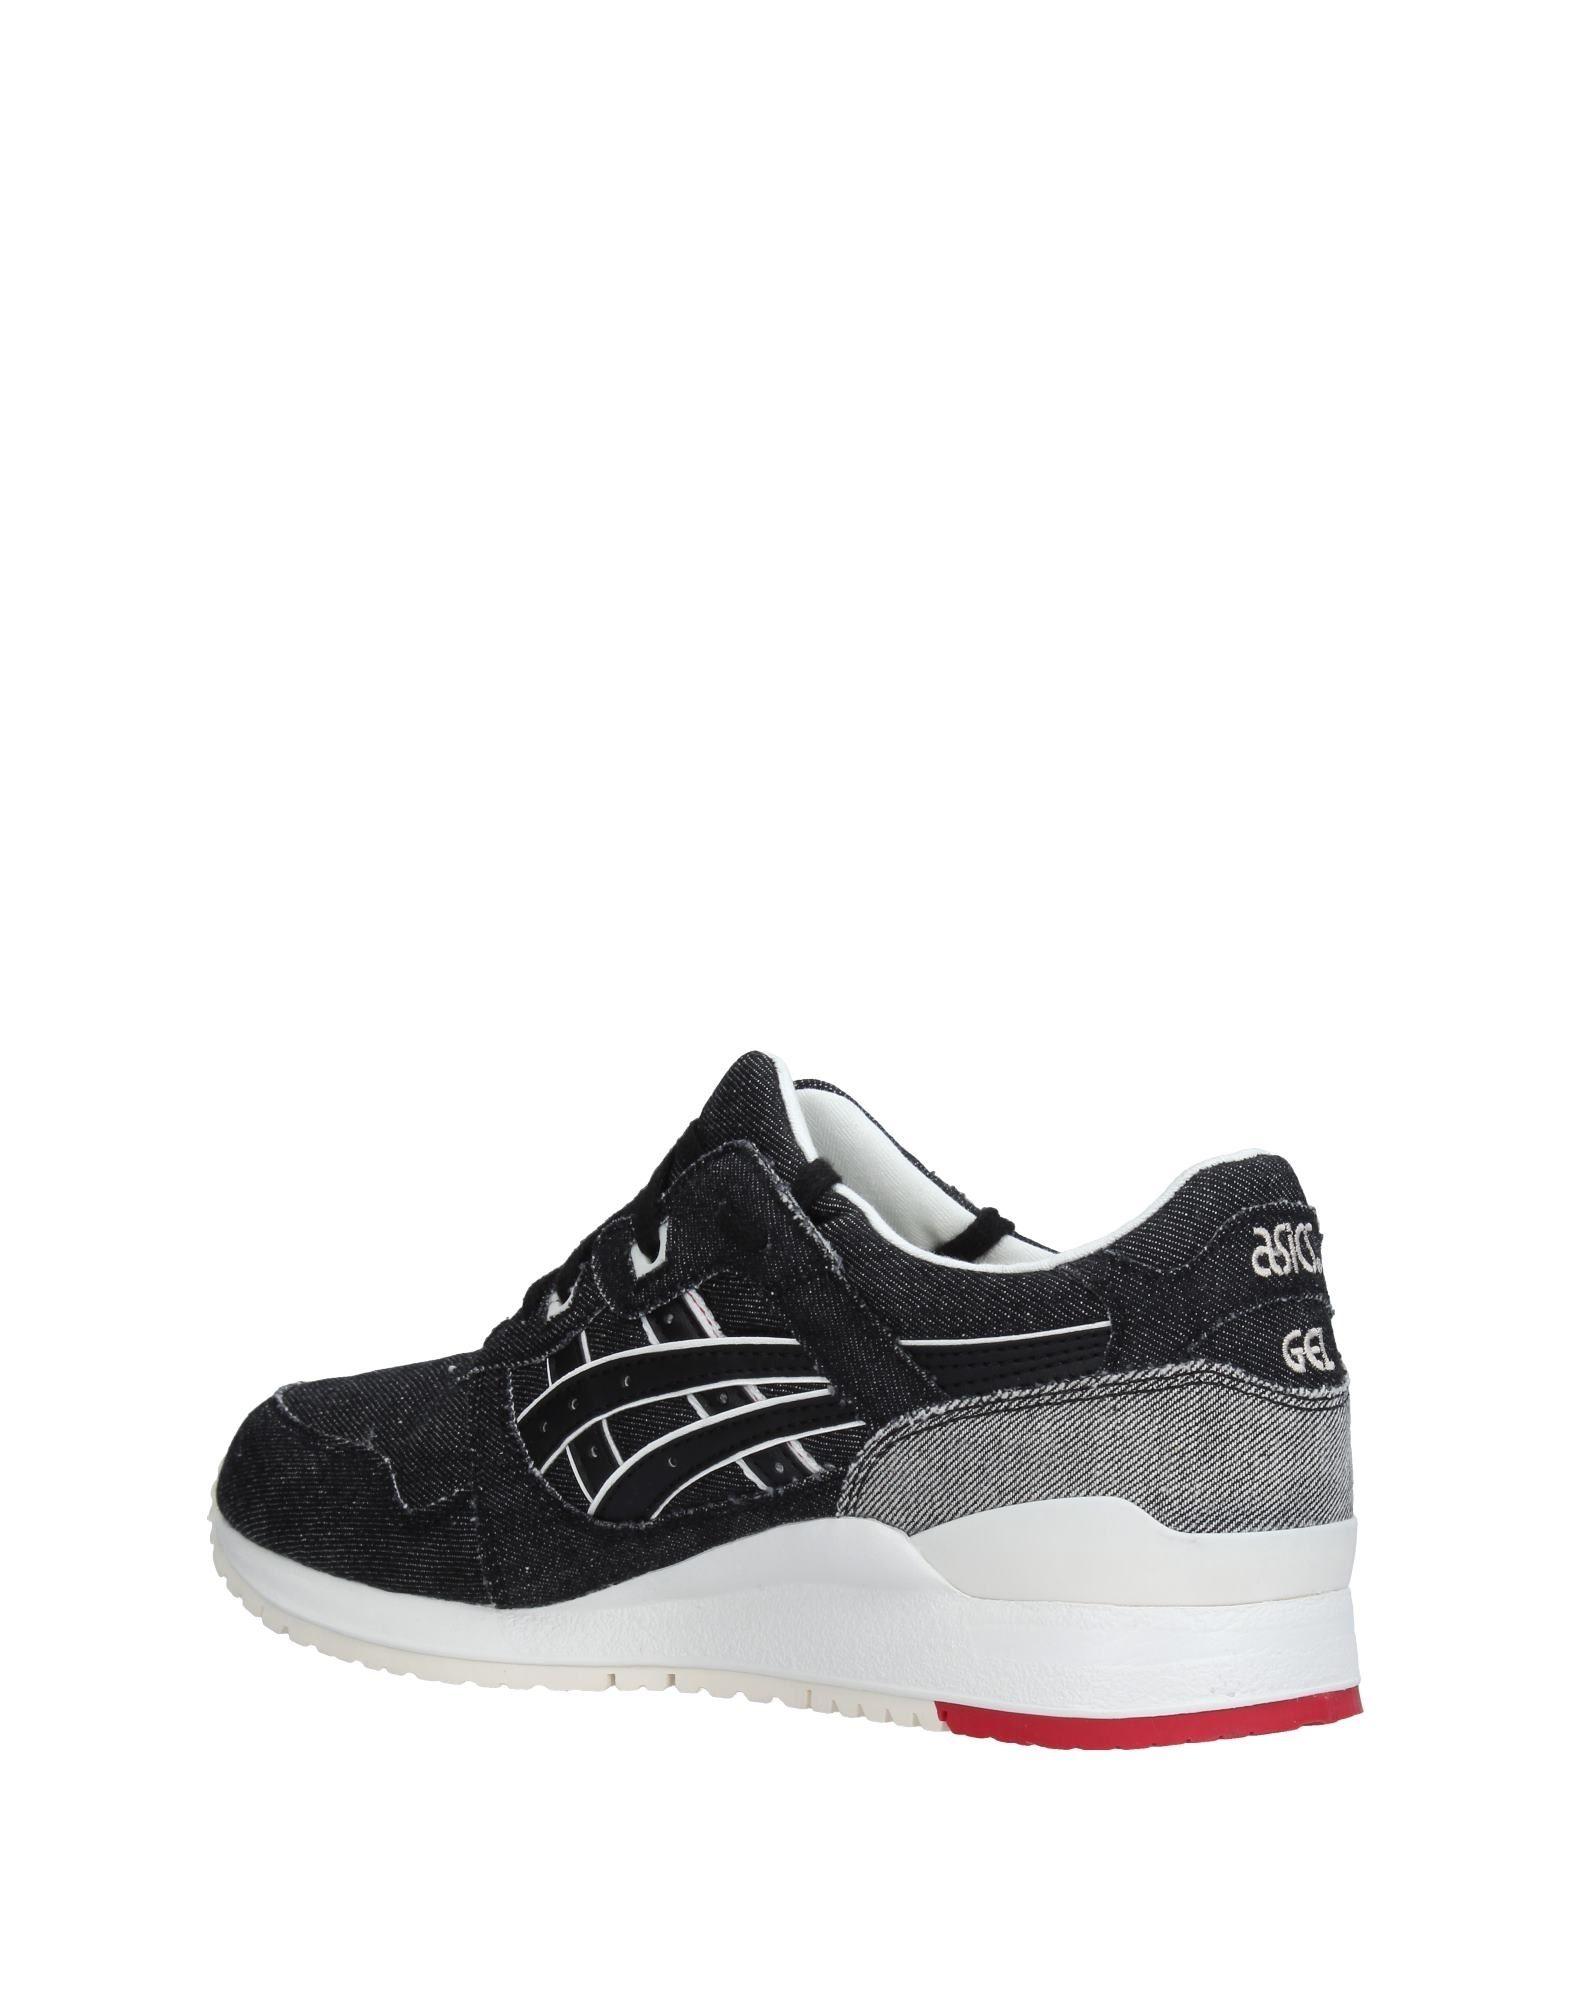 Asics Sneakers - Men Asics Sneakers online on    Australia - 11211023SN 286bce